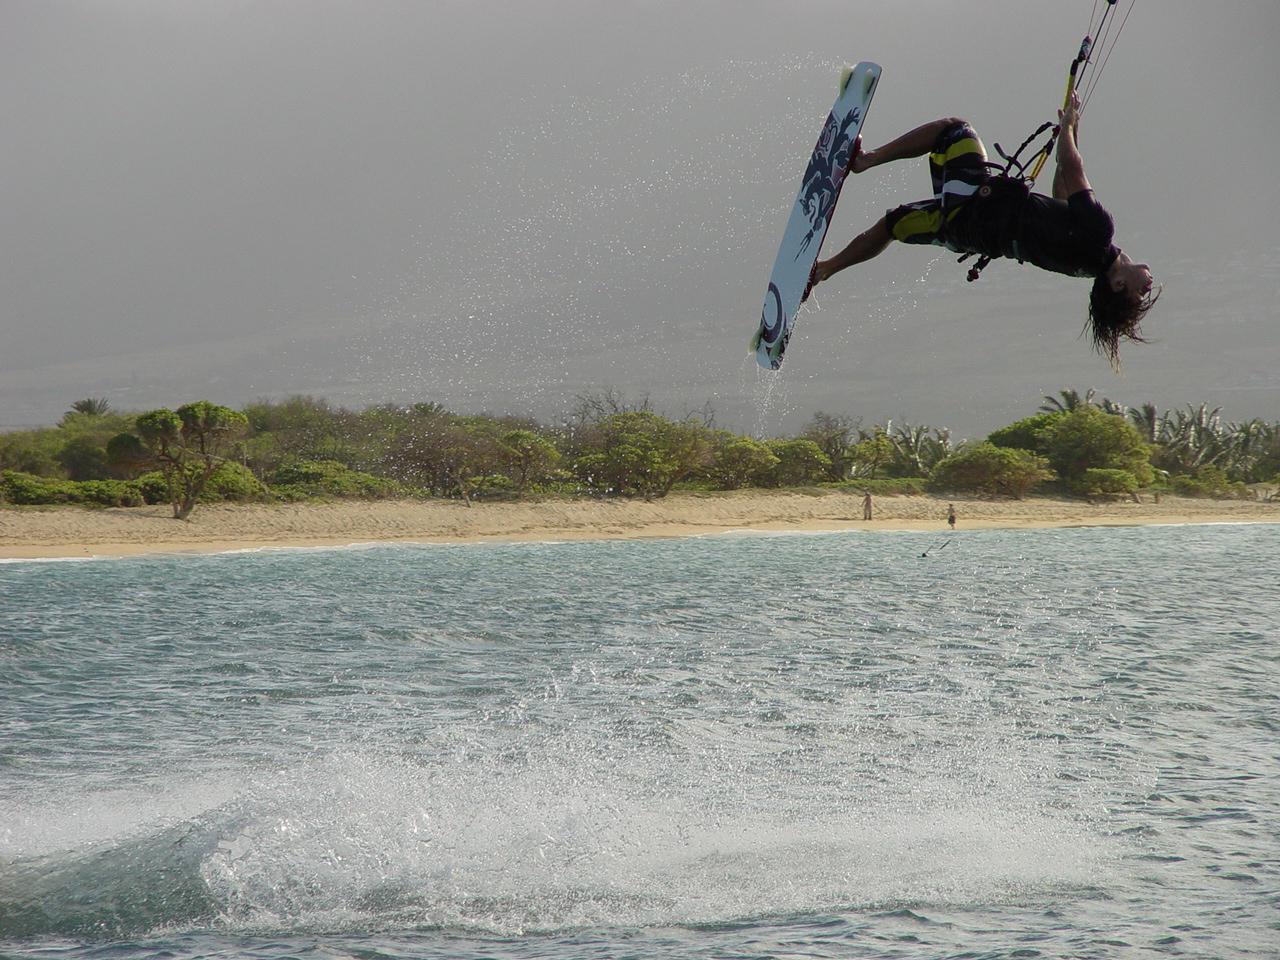 Kitesurfing 142 by ToastSYN